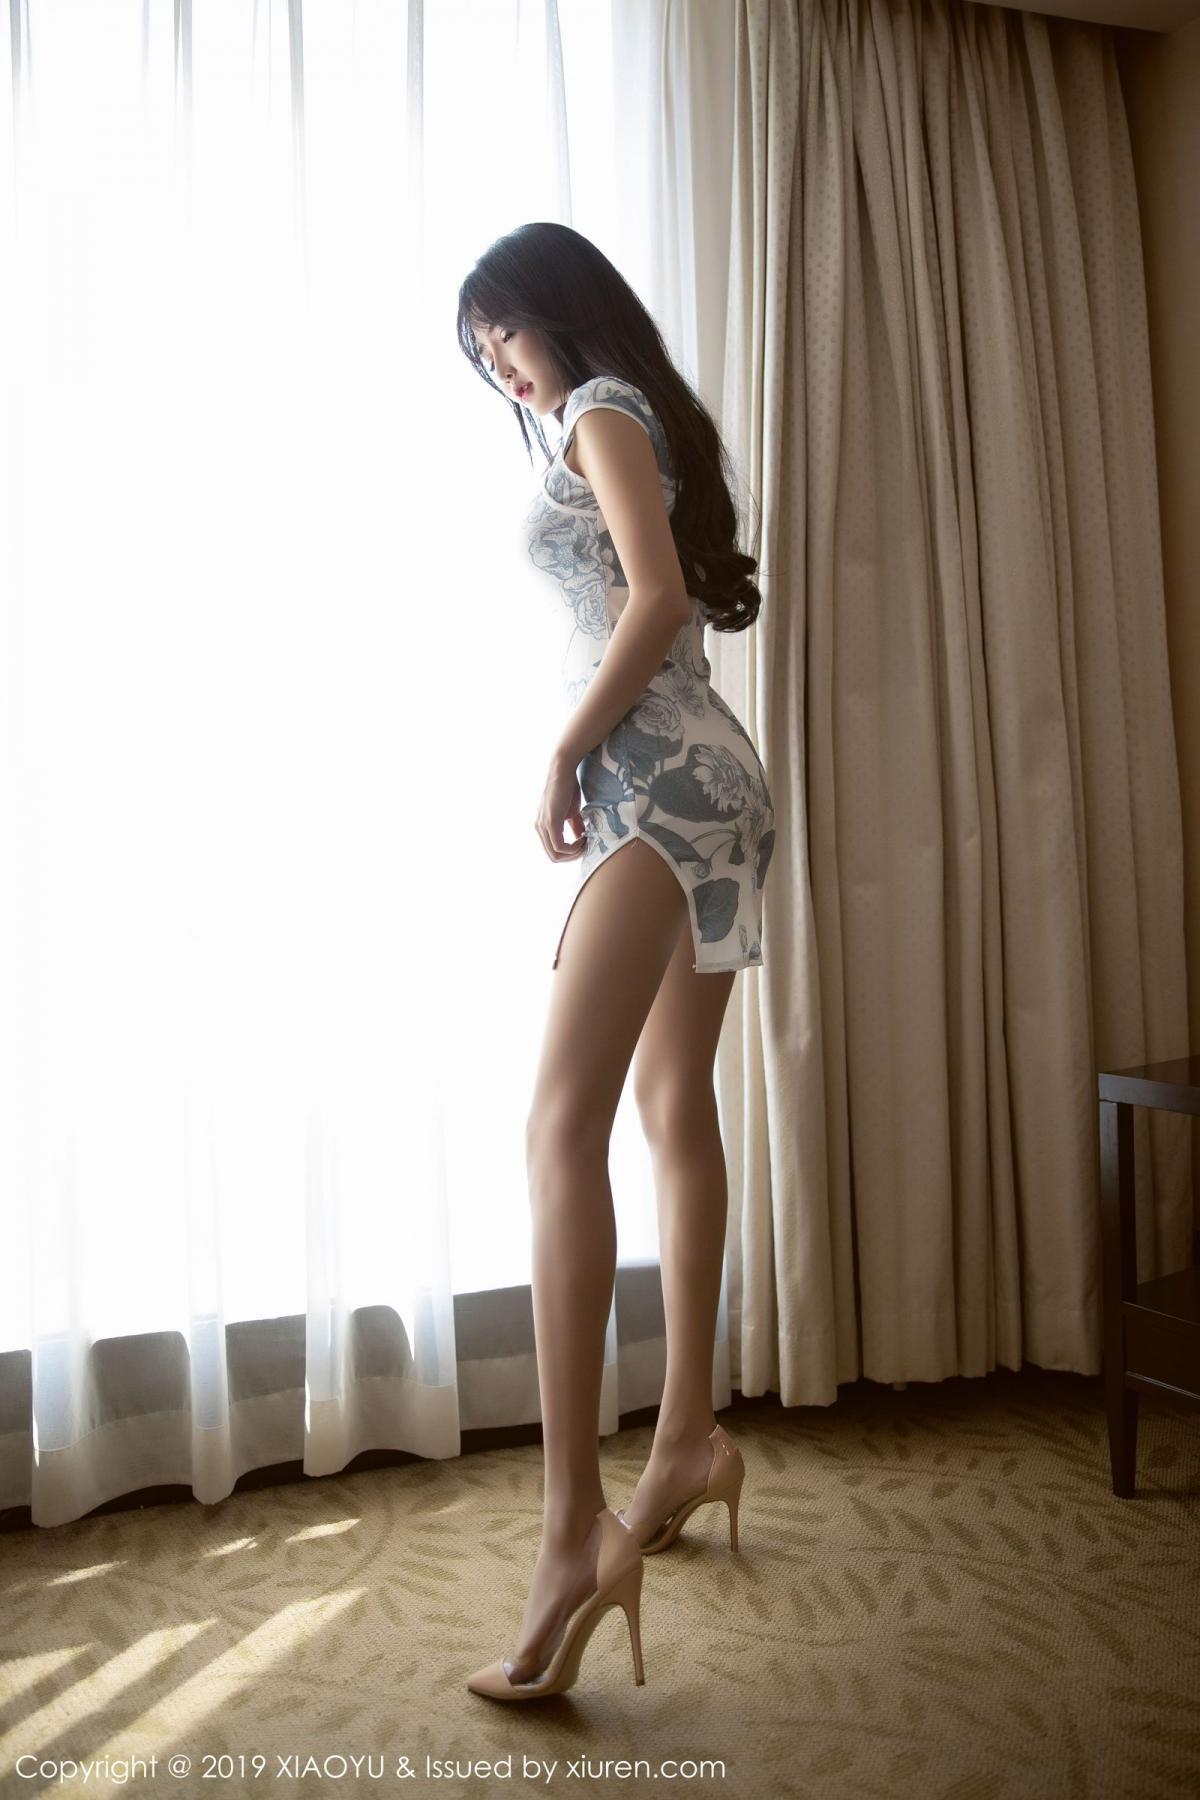 [XiaoYu] Vol.200 Miko Jiang 37P, Miko Jiang, Slim, Tall, Underwear, XiaoYu